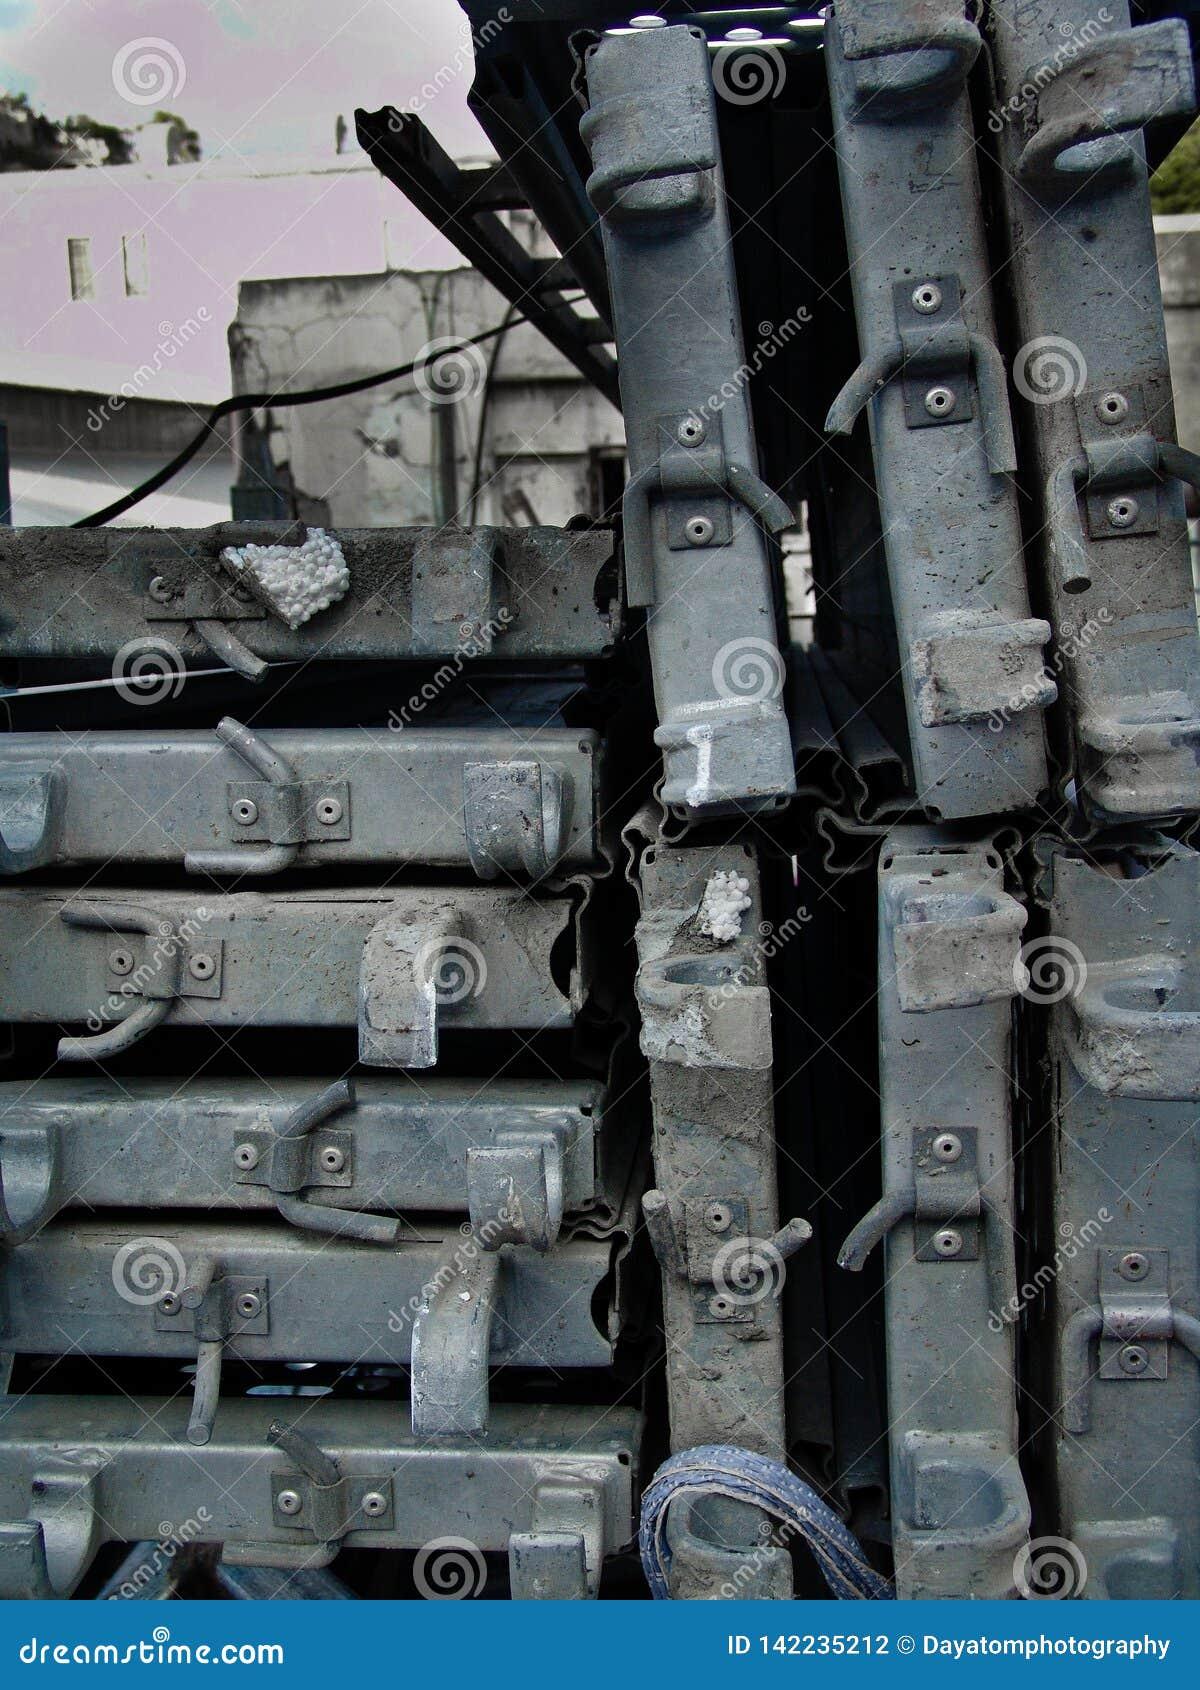 Stapel metaalstukken, bij een stedelijk bouwterrein bij daglicht dat, in zwart-wit dicht wordt geplaatst